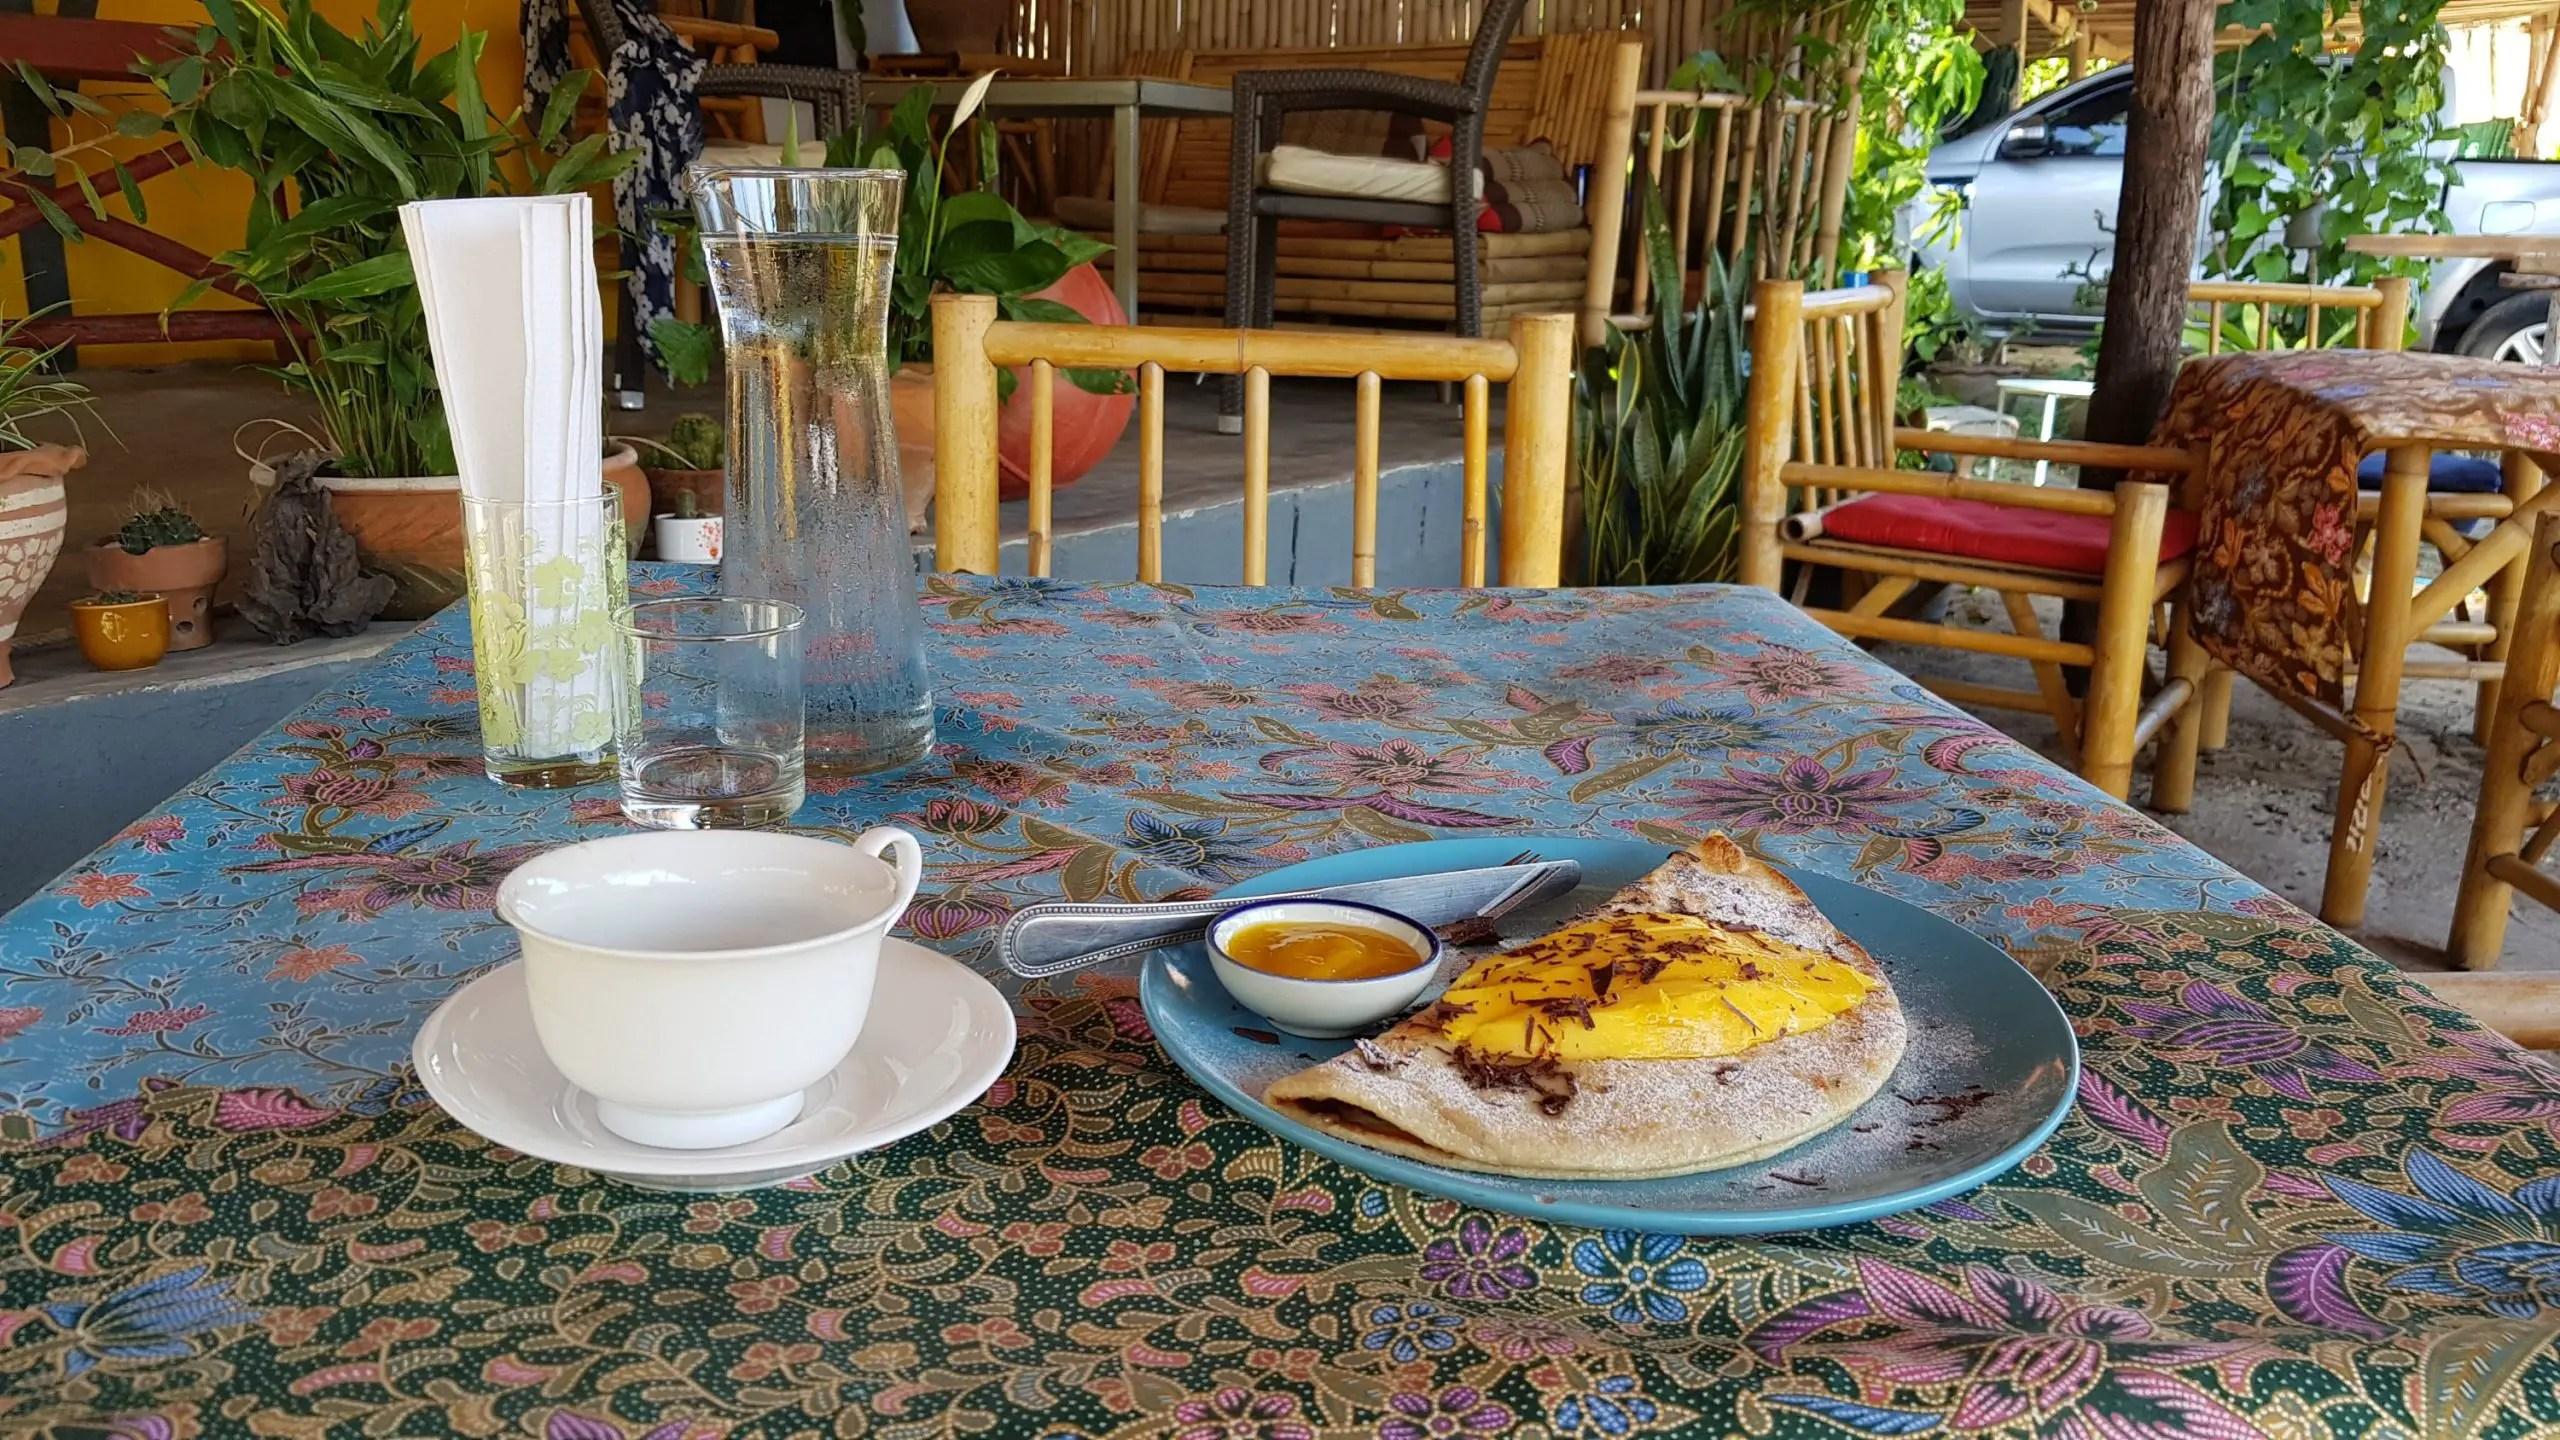 Vegan pancakes in Koh Lanta, Thailand